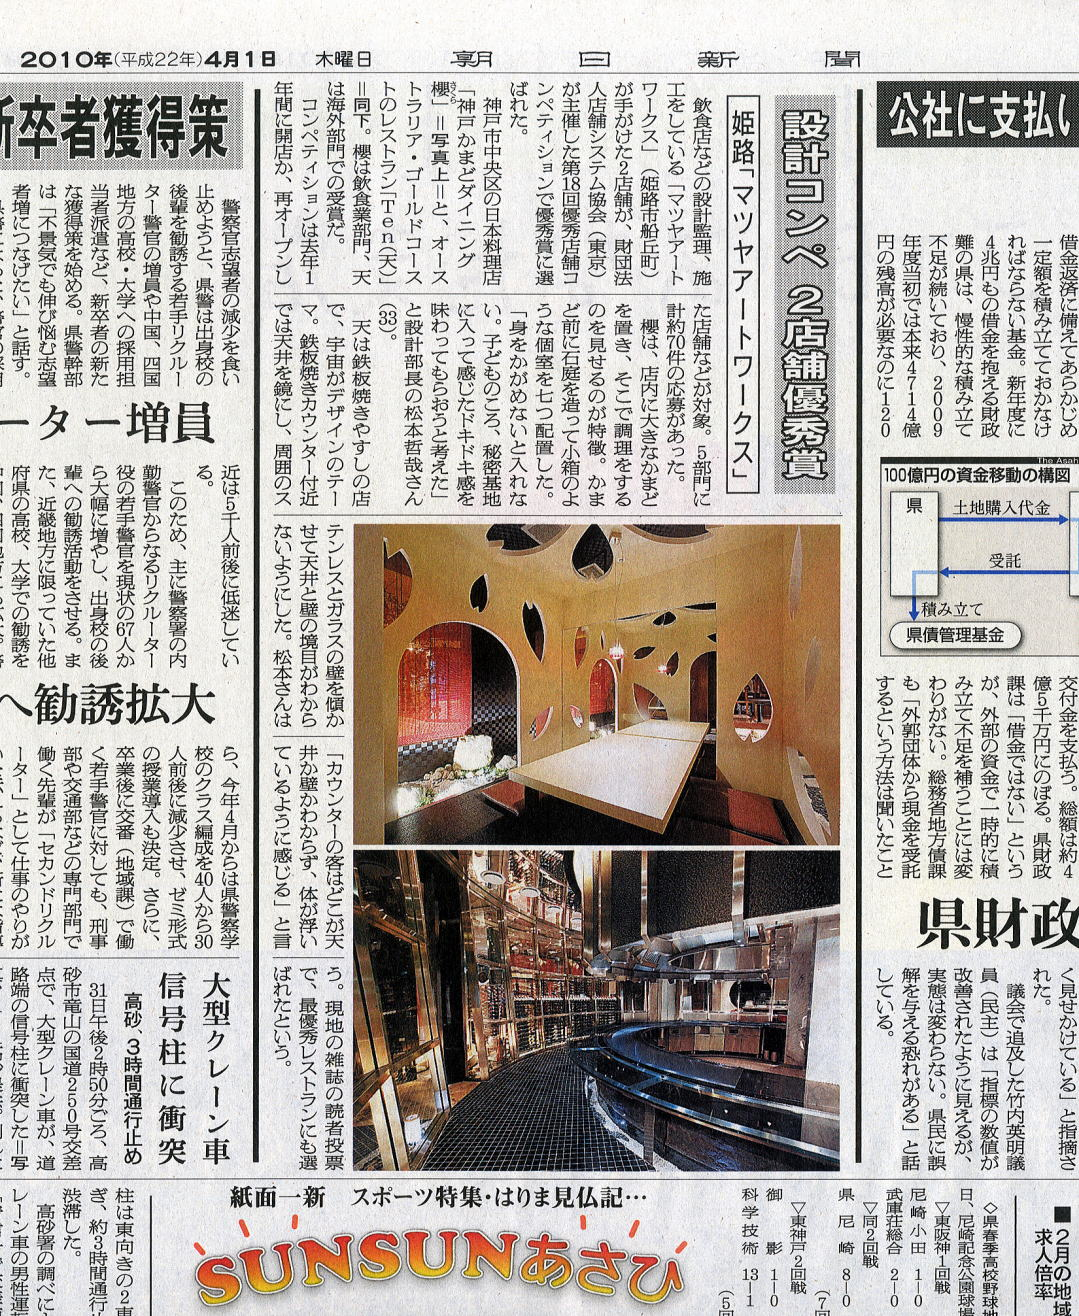 神戸新聞掲載欄